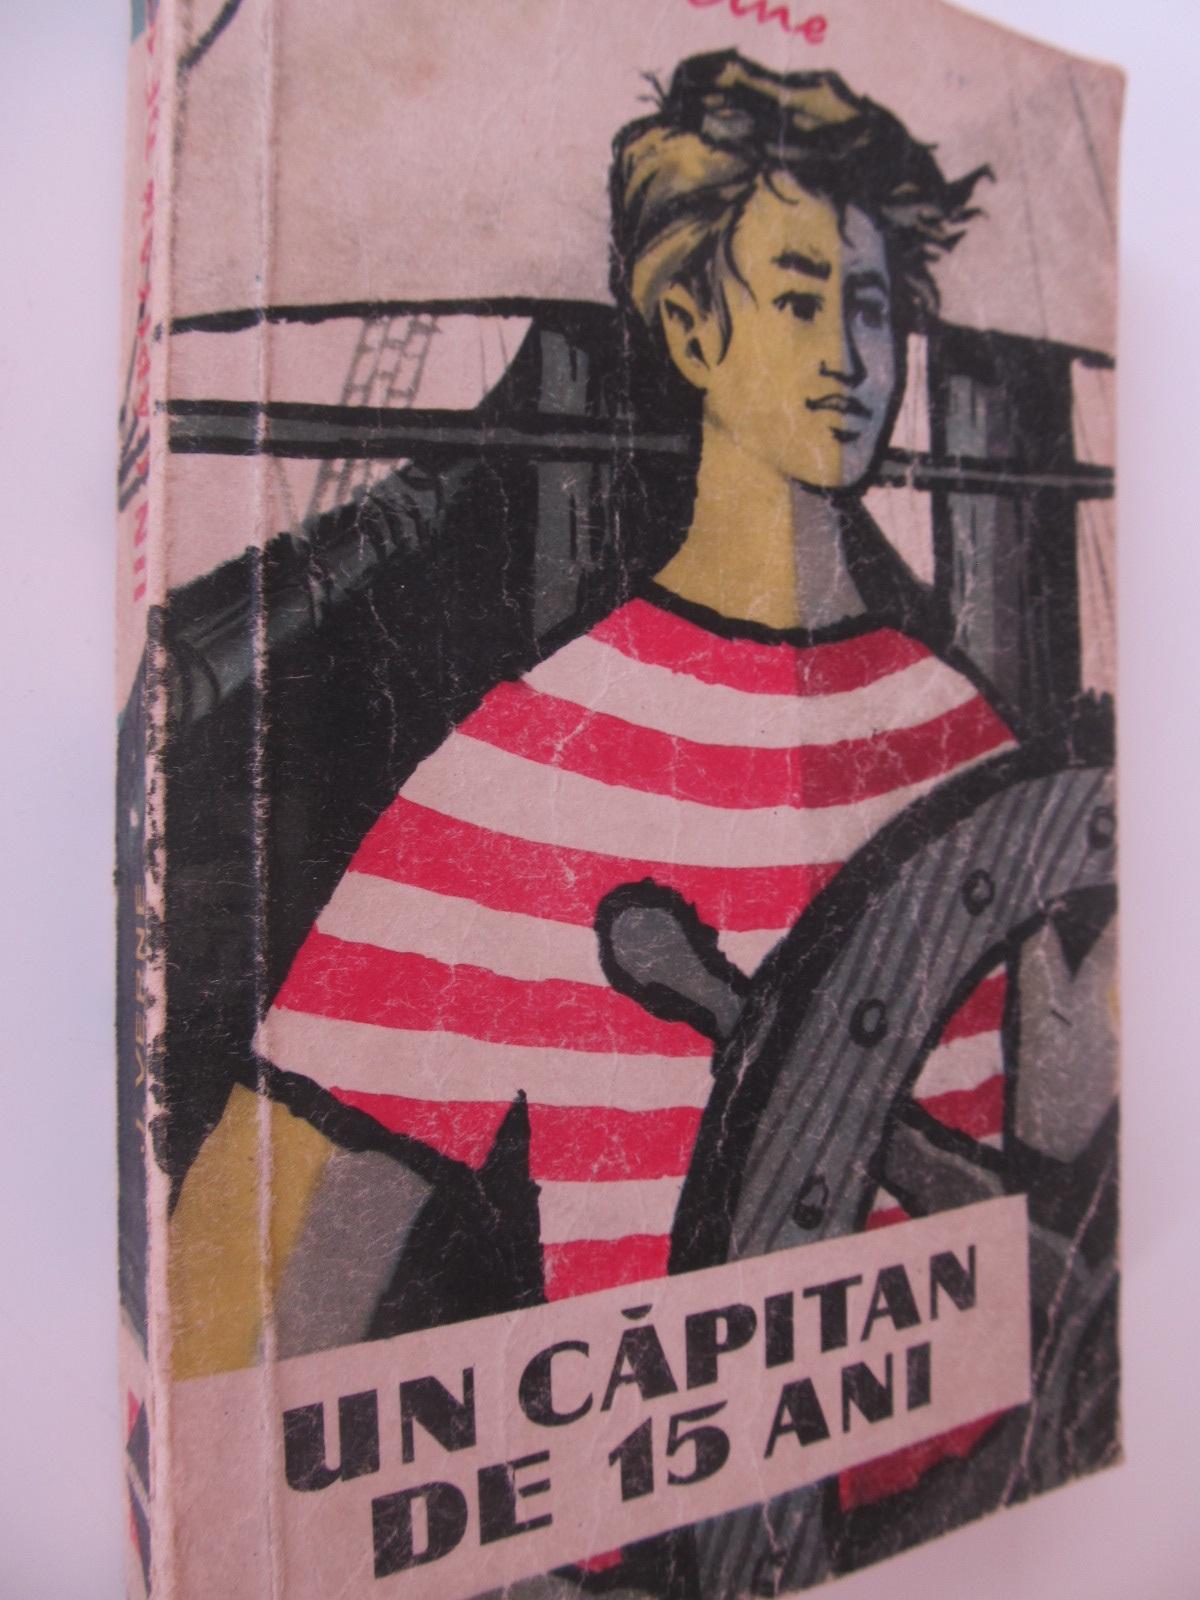 Un capitan de 15 ani - Jules Verne | Detalii carte